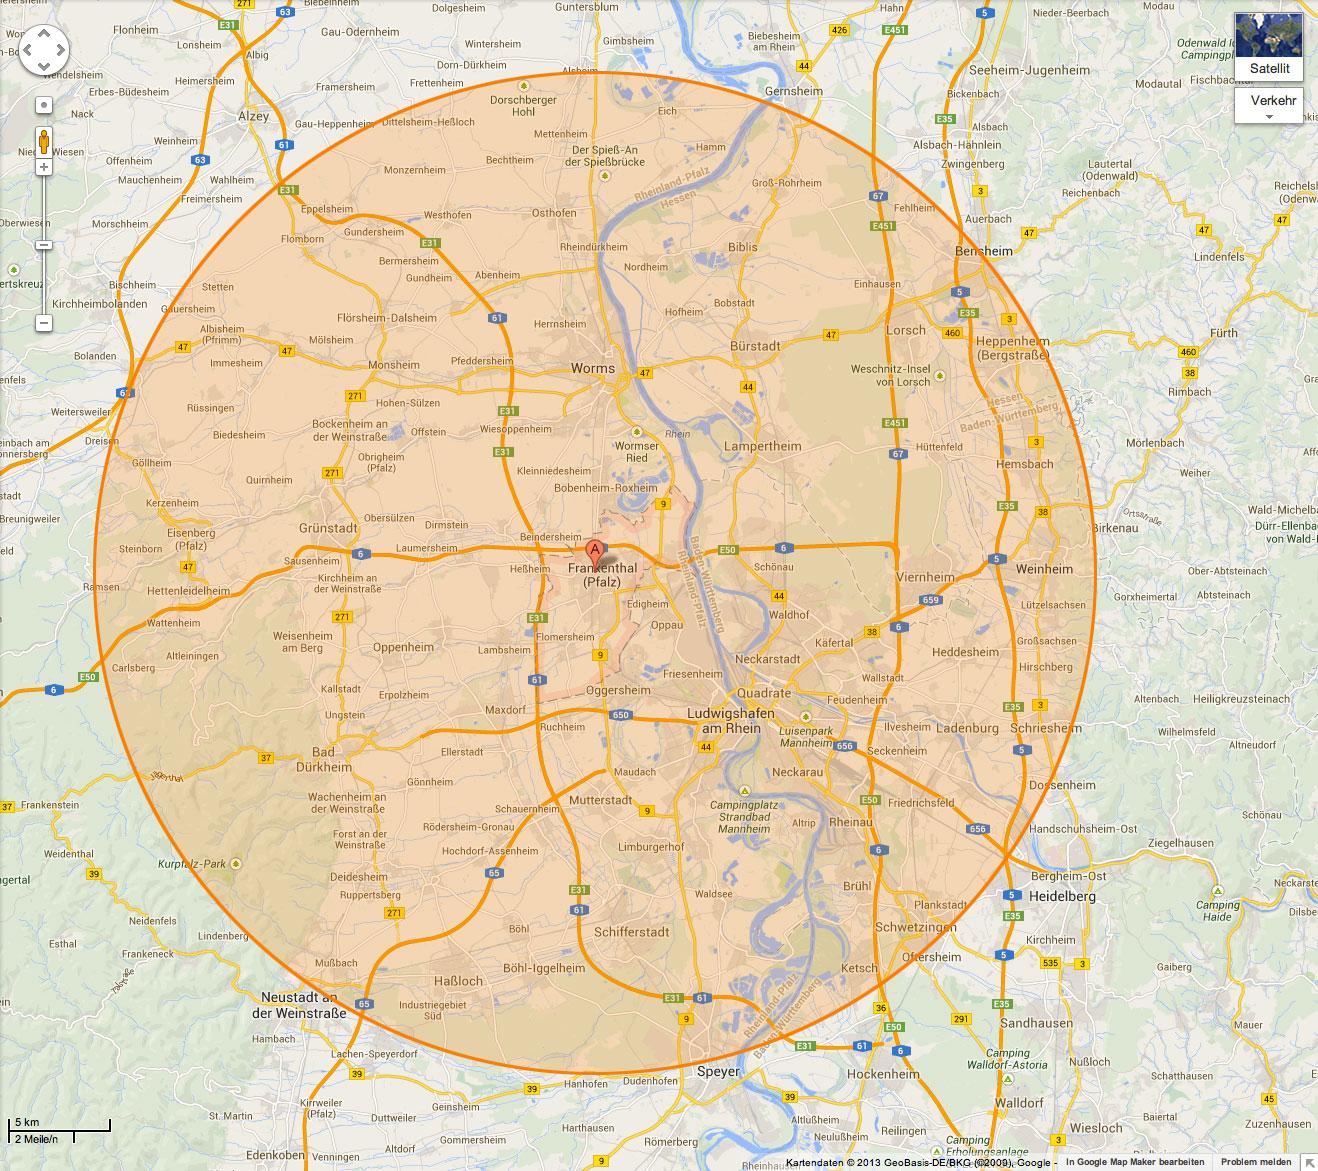 Karte des Musicant Lieferservice bis ins Haus